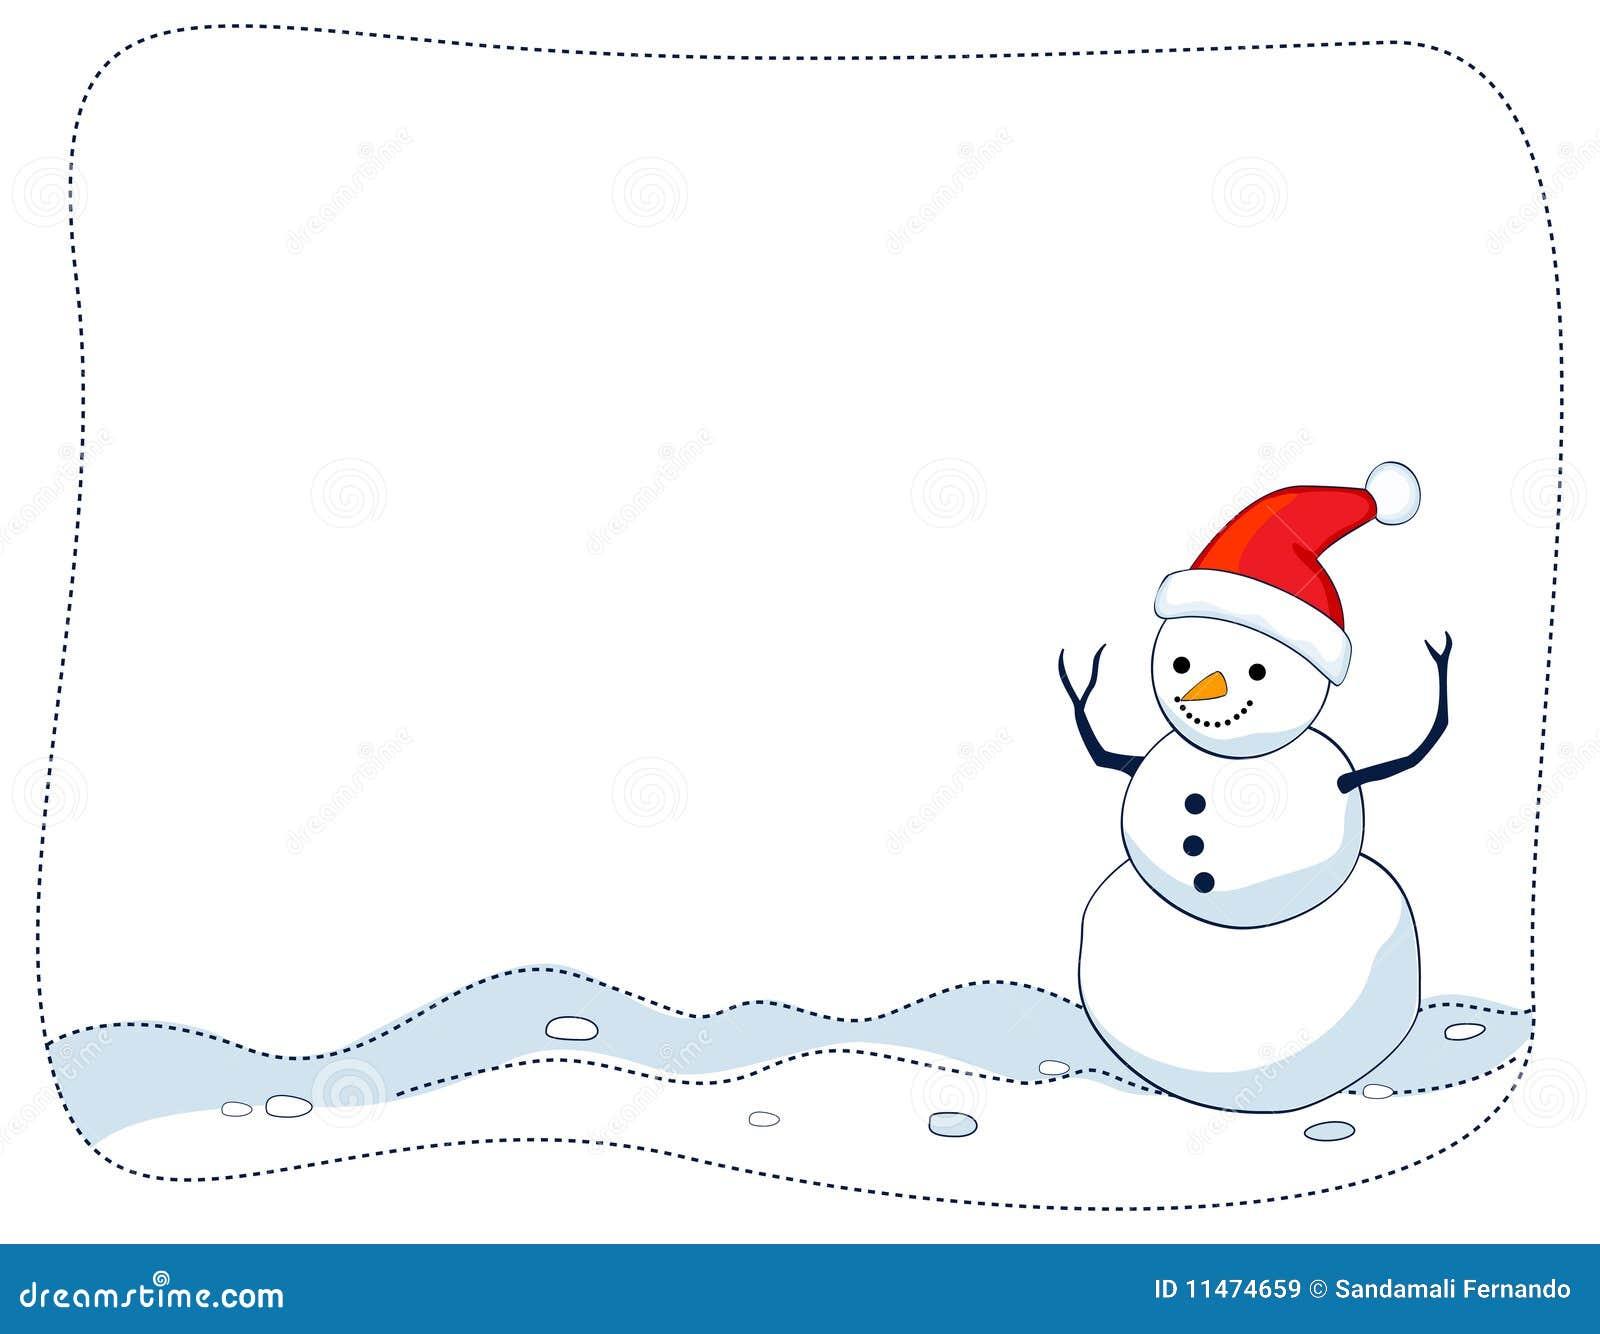 Snowman border / frame stock vector. Illustration of ...